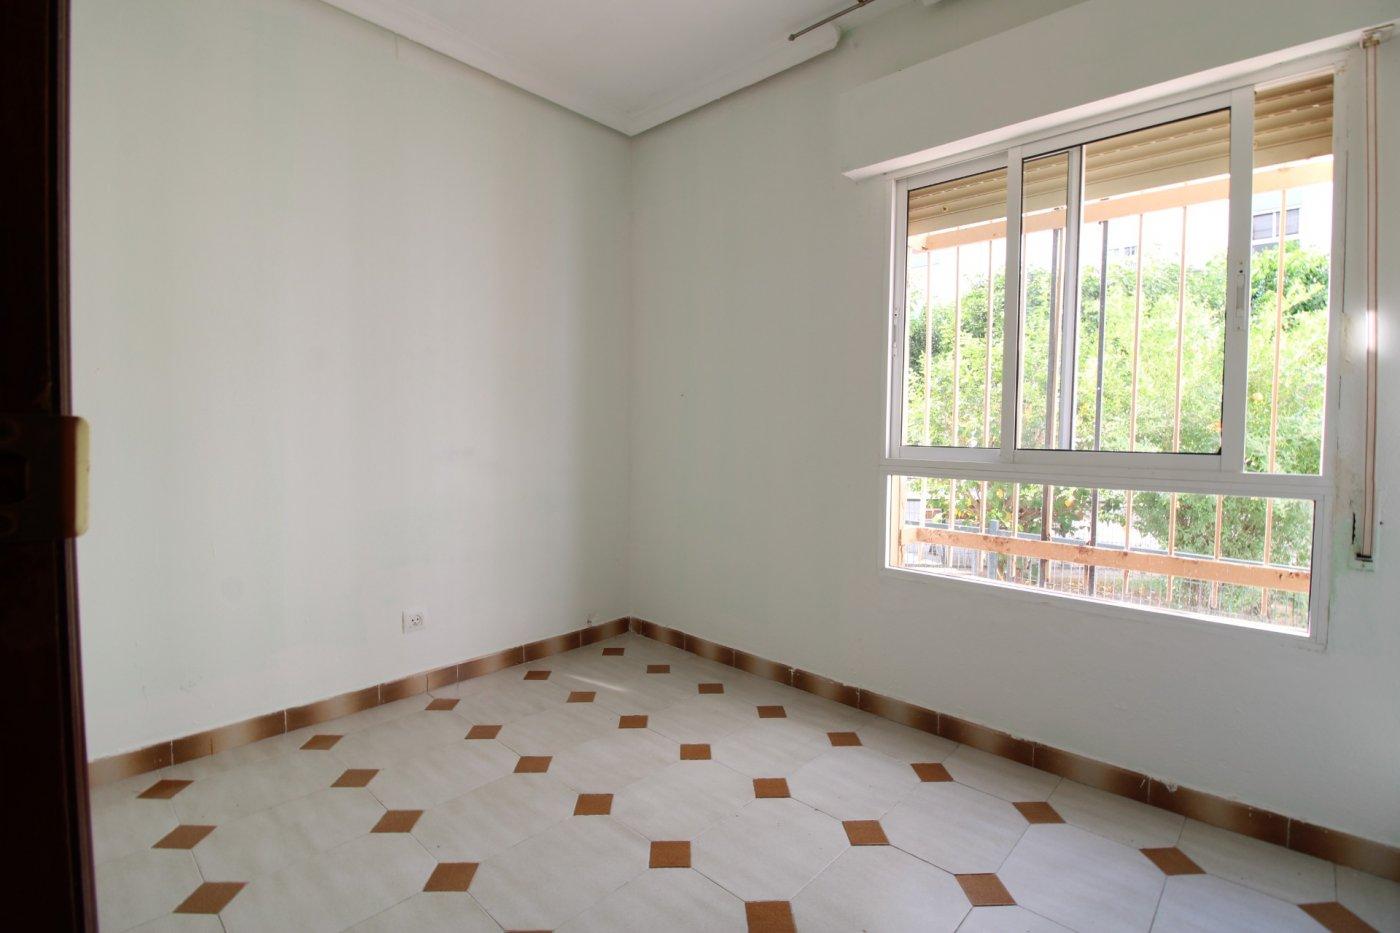 Piso a la venta en sevilla zona carretera carmona - imagenInmueble19